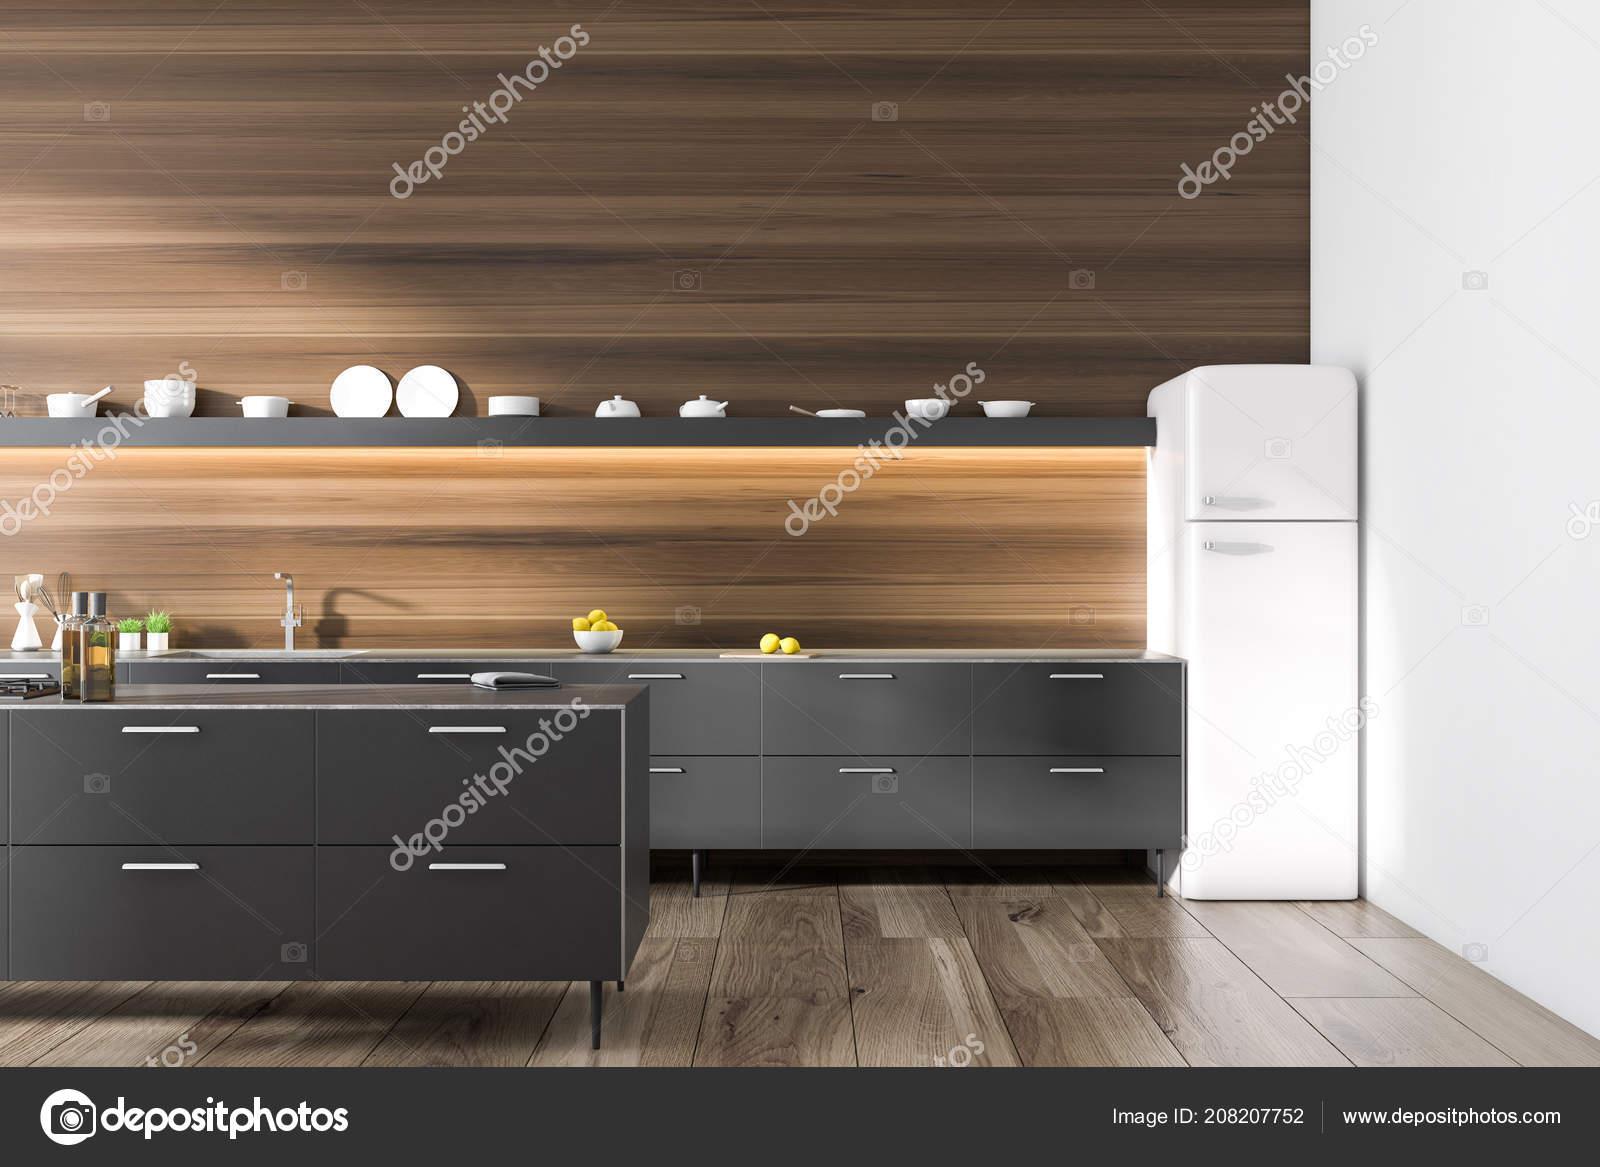 Moderne Kuche Interieur Mit Dunklen Holzwanden Und Boden Schwarze